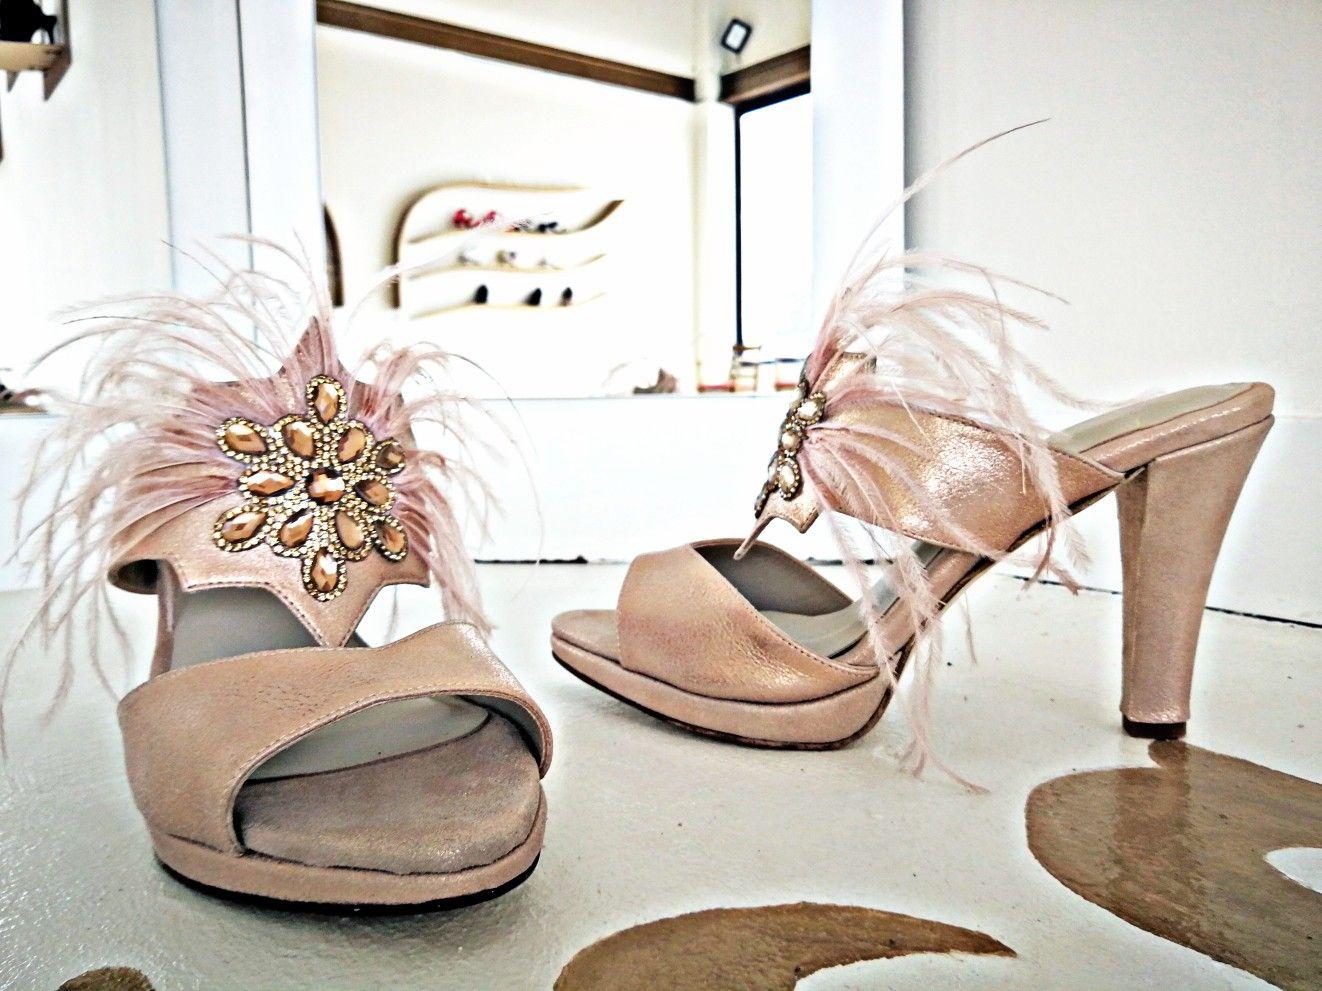 7317fc0e diseños exclusivos de zapatos en Madrid a medida y a tu gusto. CMLópez shoes